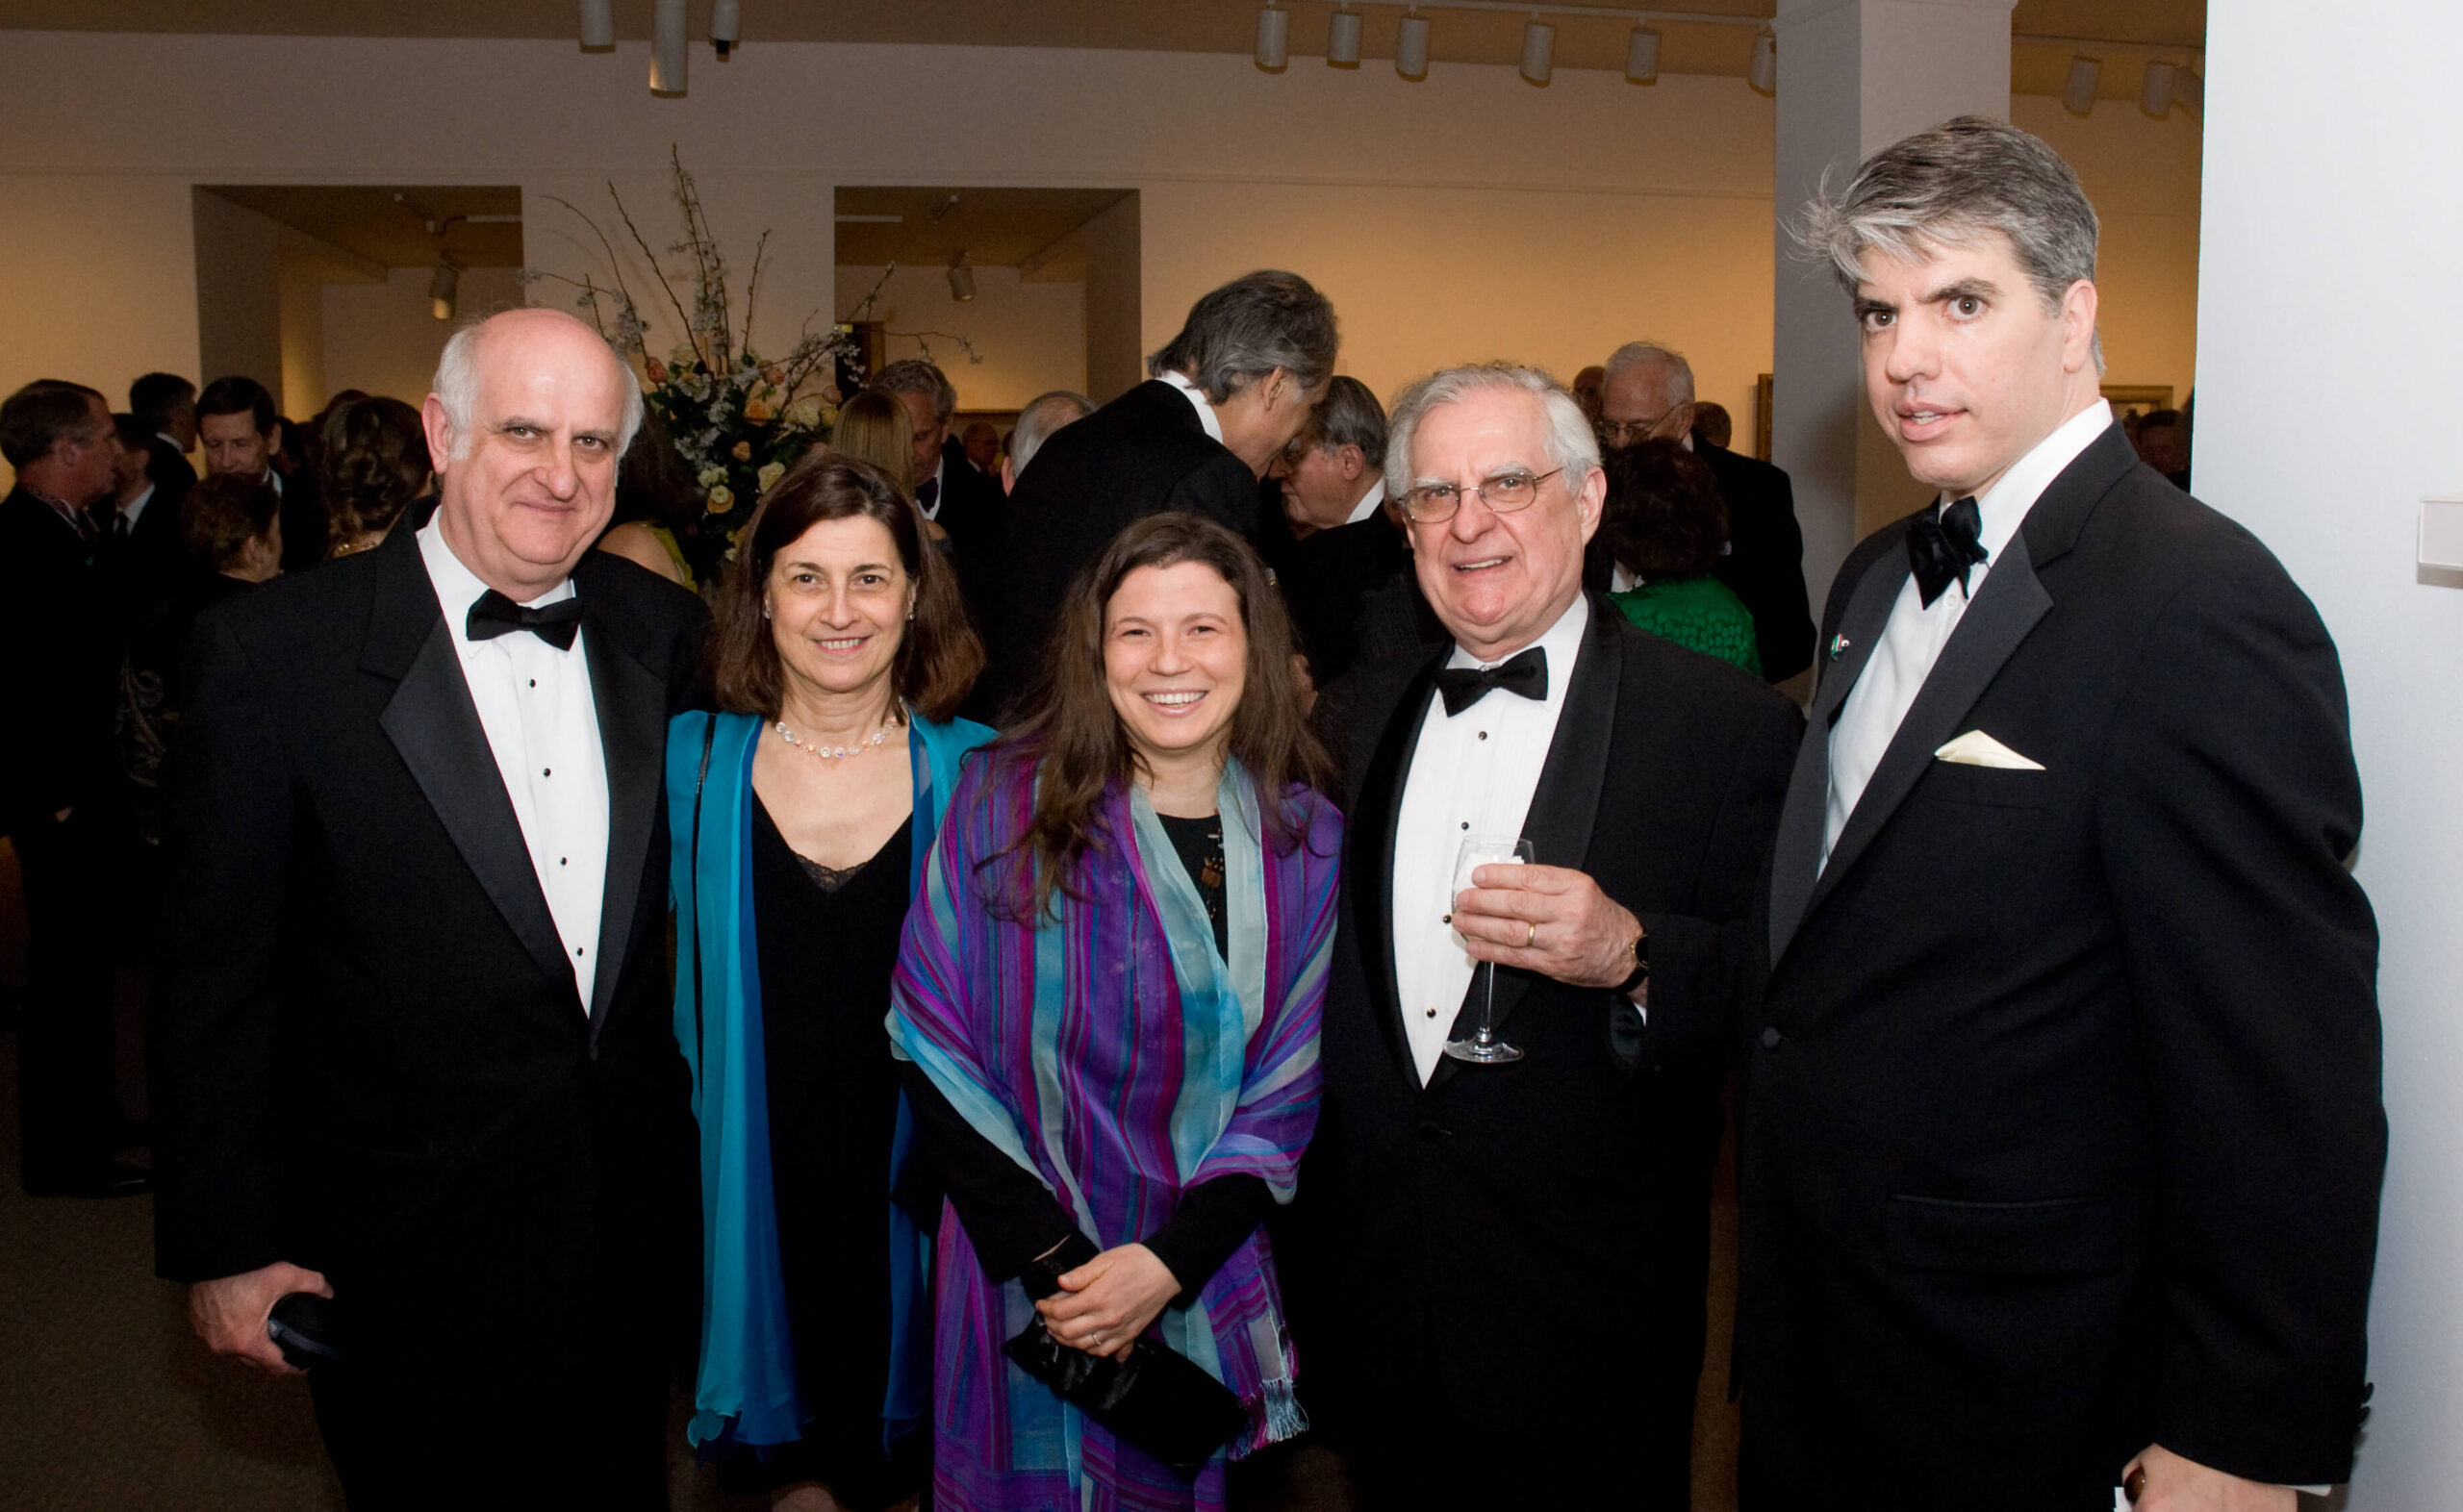 Mr. János Szekeres, Mrs. Judit Szekeres, Ms. Paula Szekeres, Mr. Zsolt Szekeres, Mr. Maximilian N. Teleki